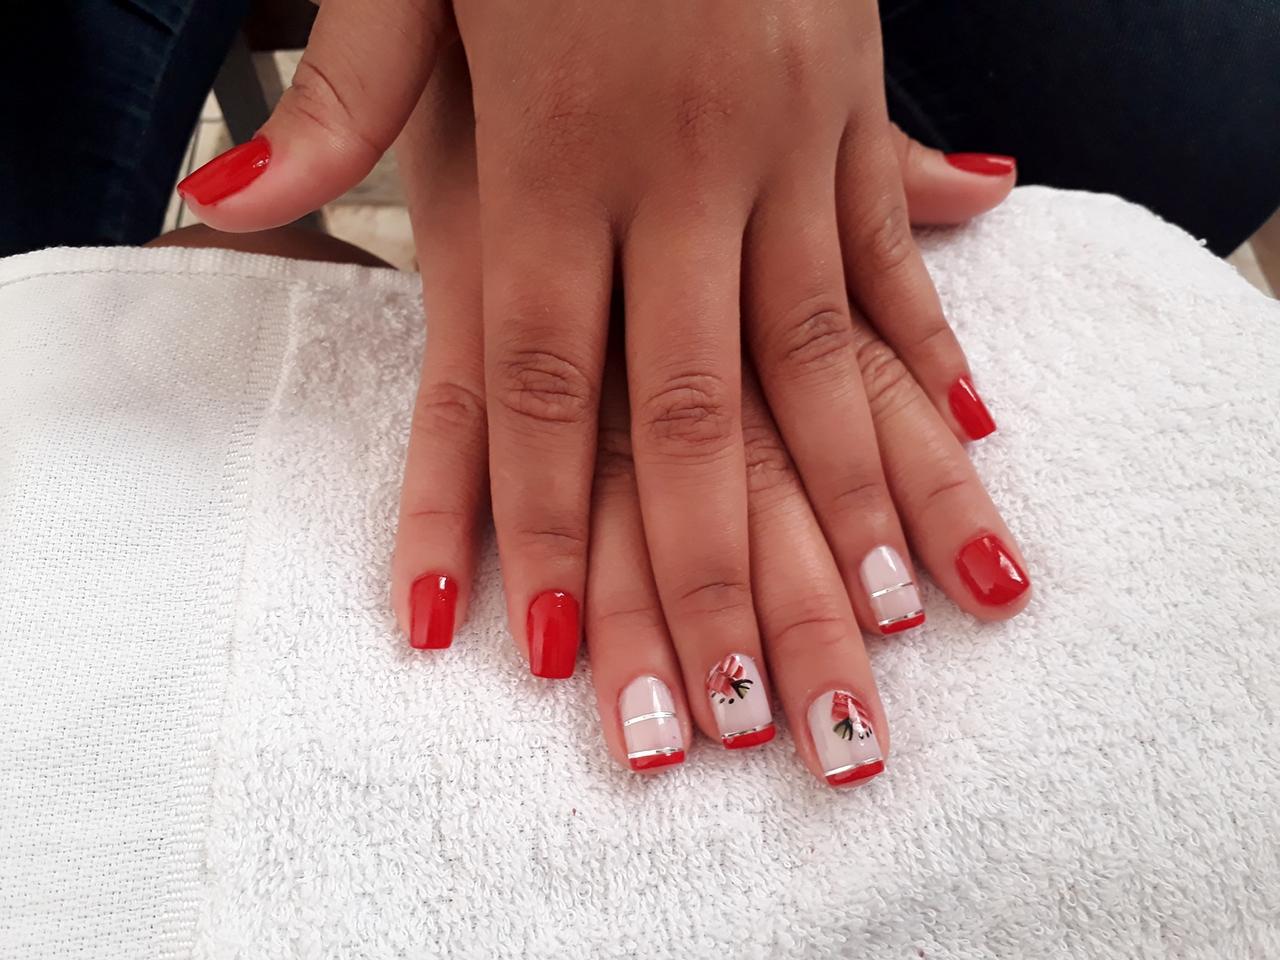 Usei esmalte vermelho maravilha da Risquê e um Renda também  da Risquê, usei um adesivo unha manicure e pedicure